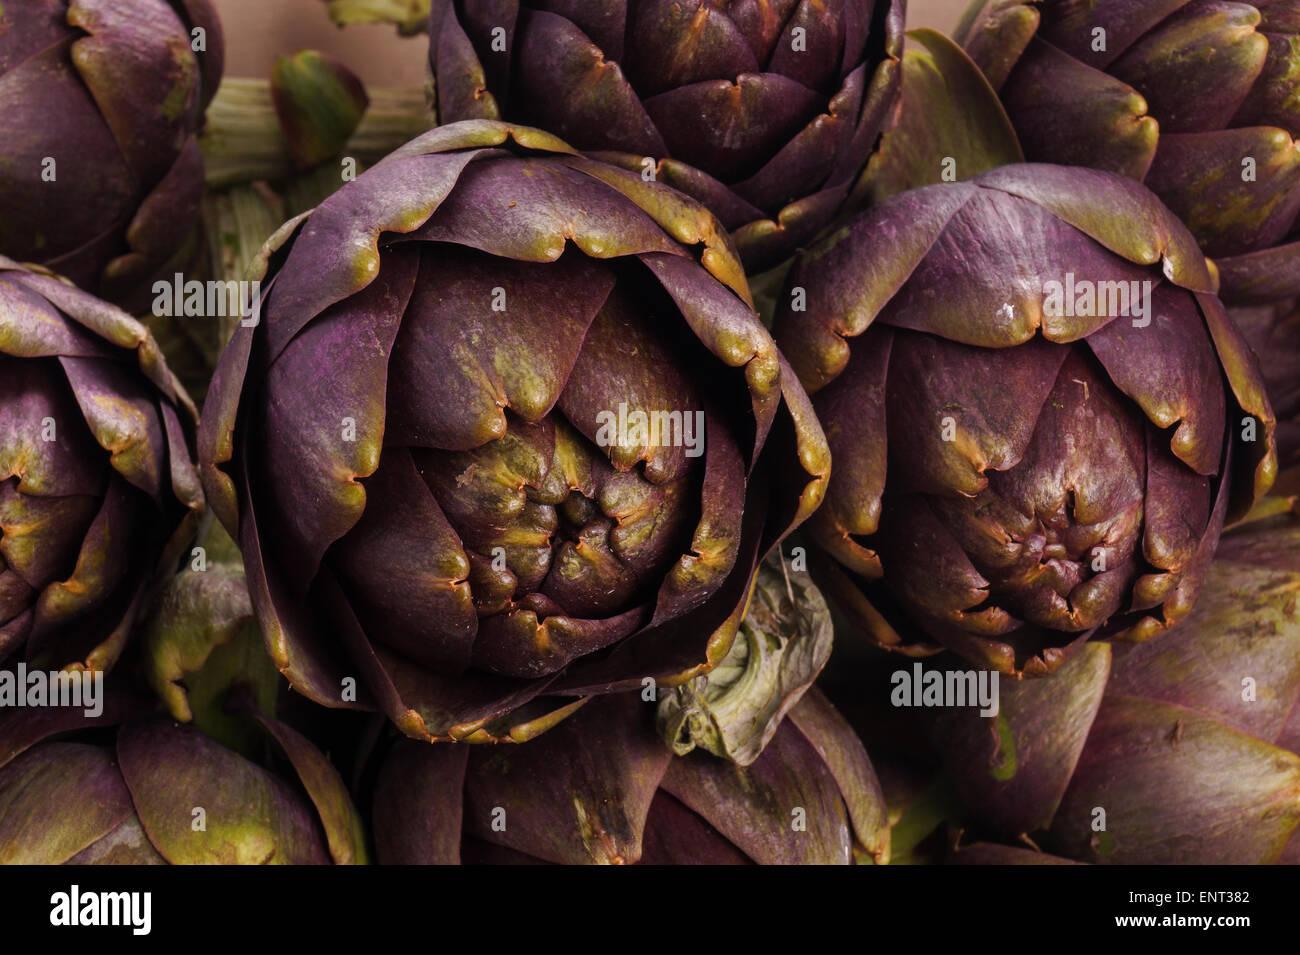 Haufen von lila Artischocken kochbereit Stockbild